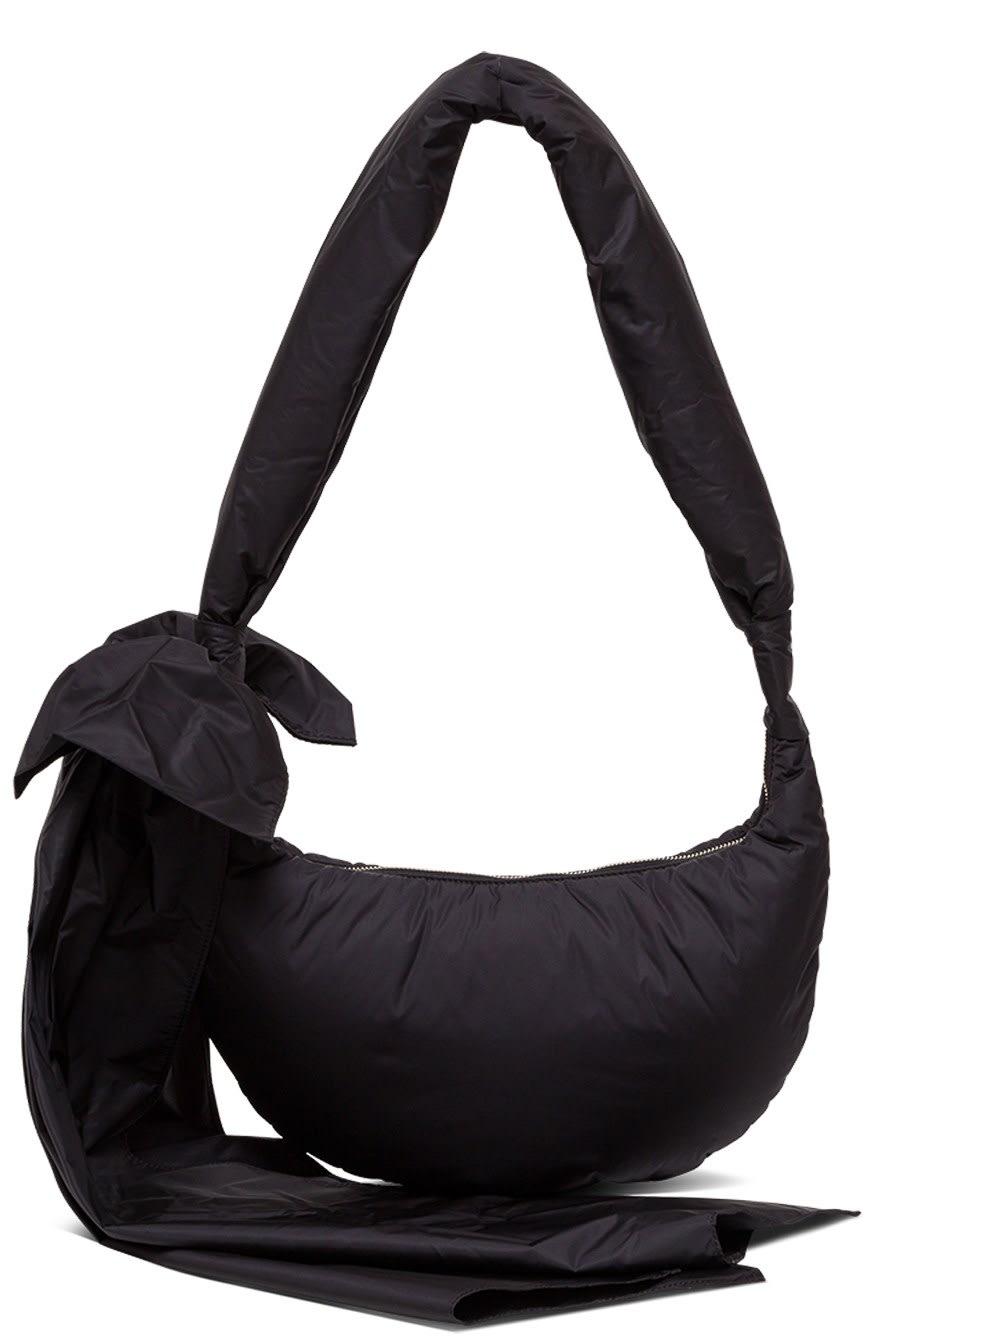 Red Valentino Obo Crossbody Bag In Nylon In Black